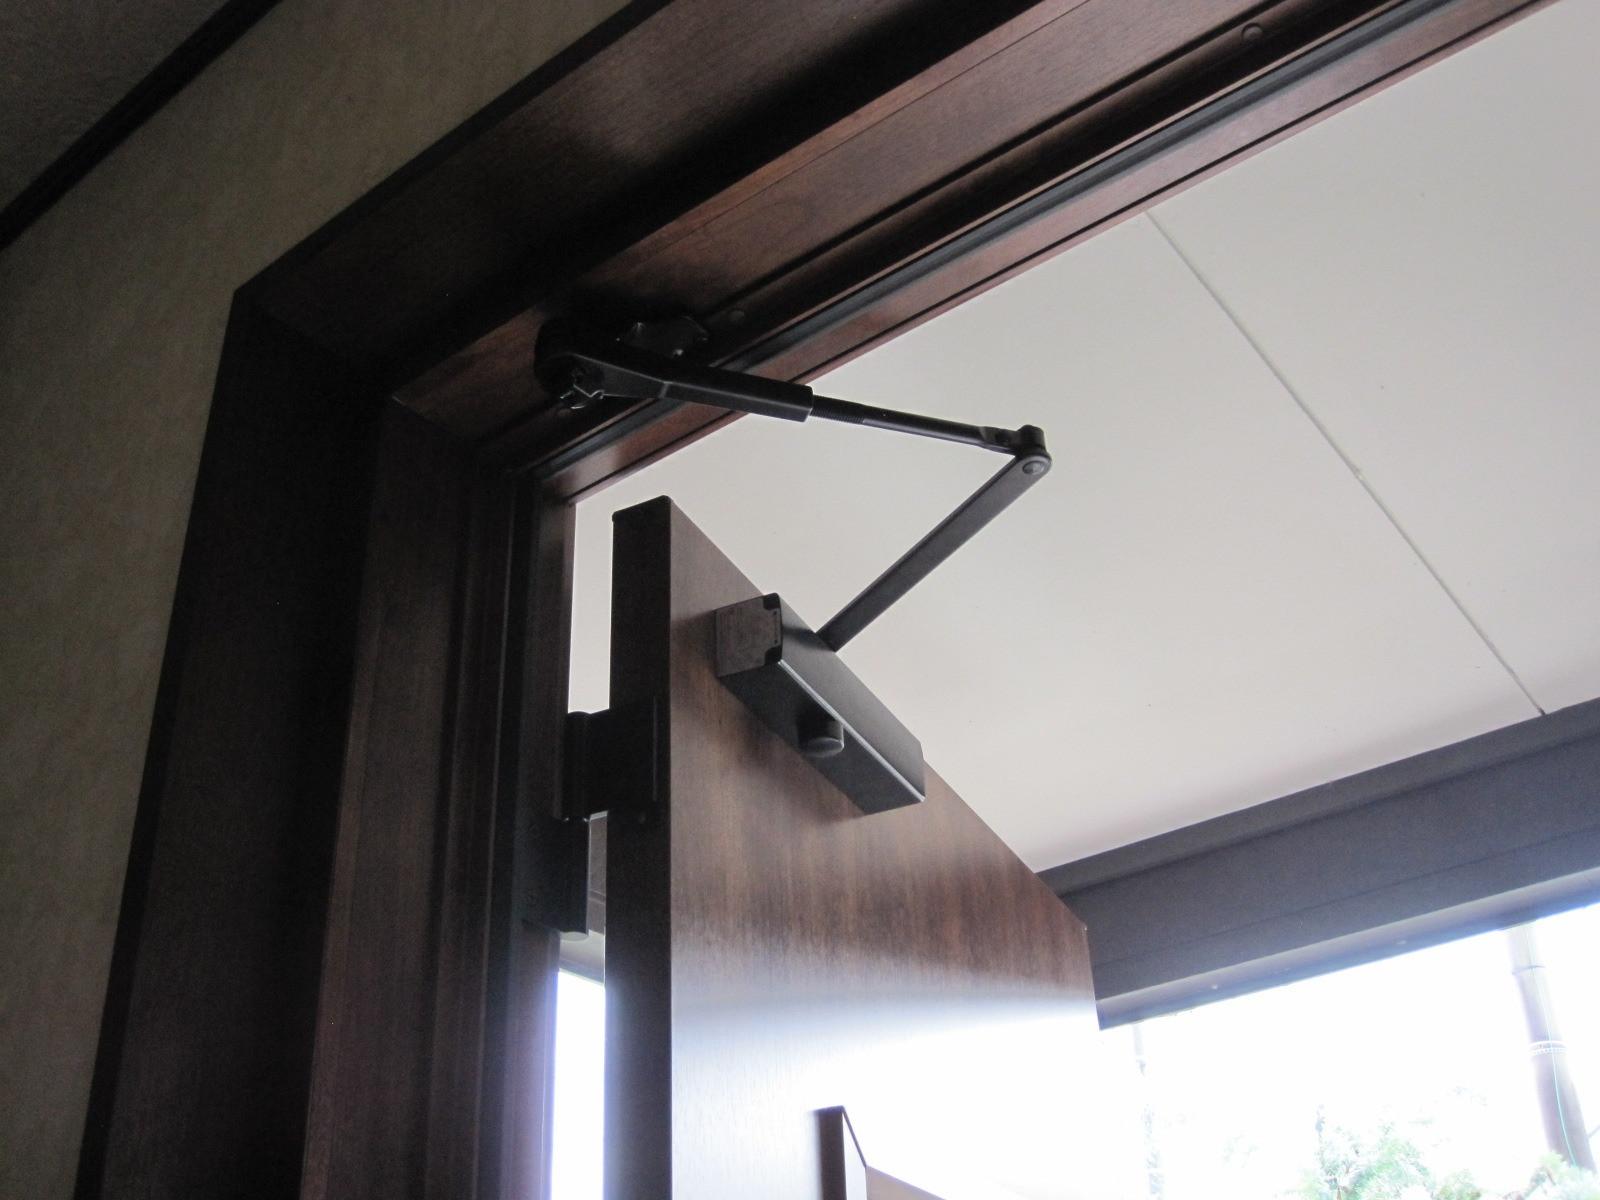 玄関ドアリフォーム工事 断熱・キーレス機能のリクシル「リシェントドア」1day工事